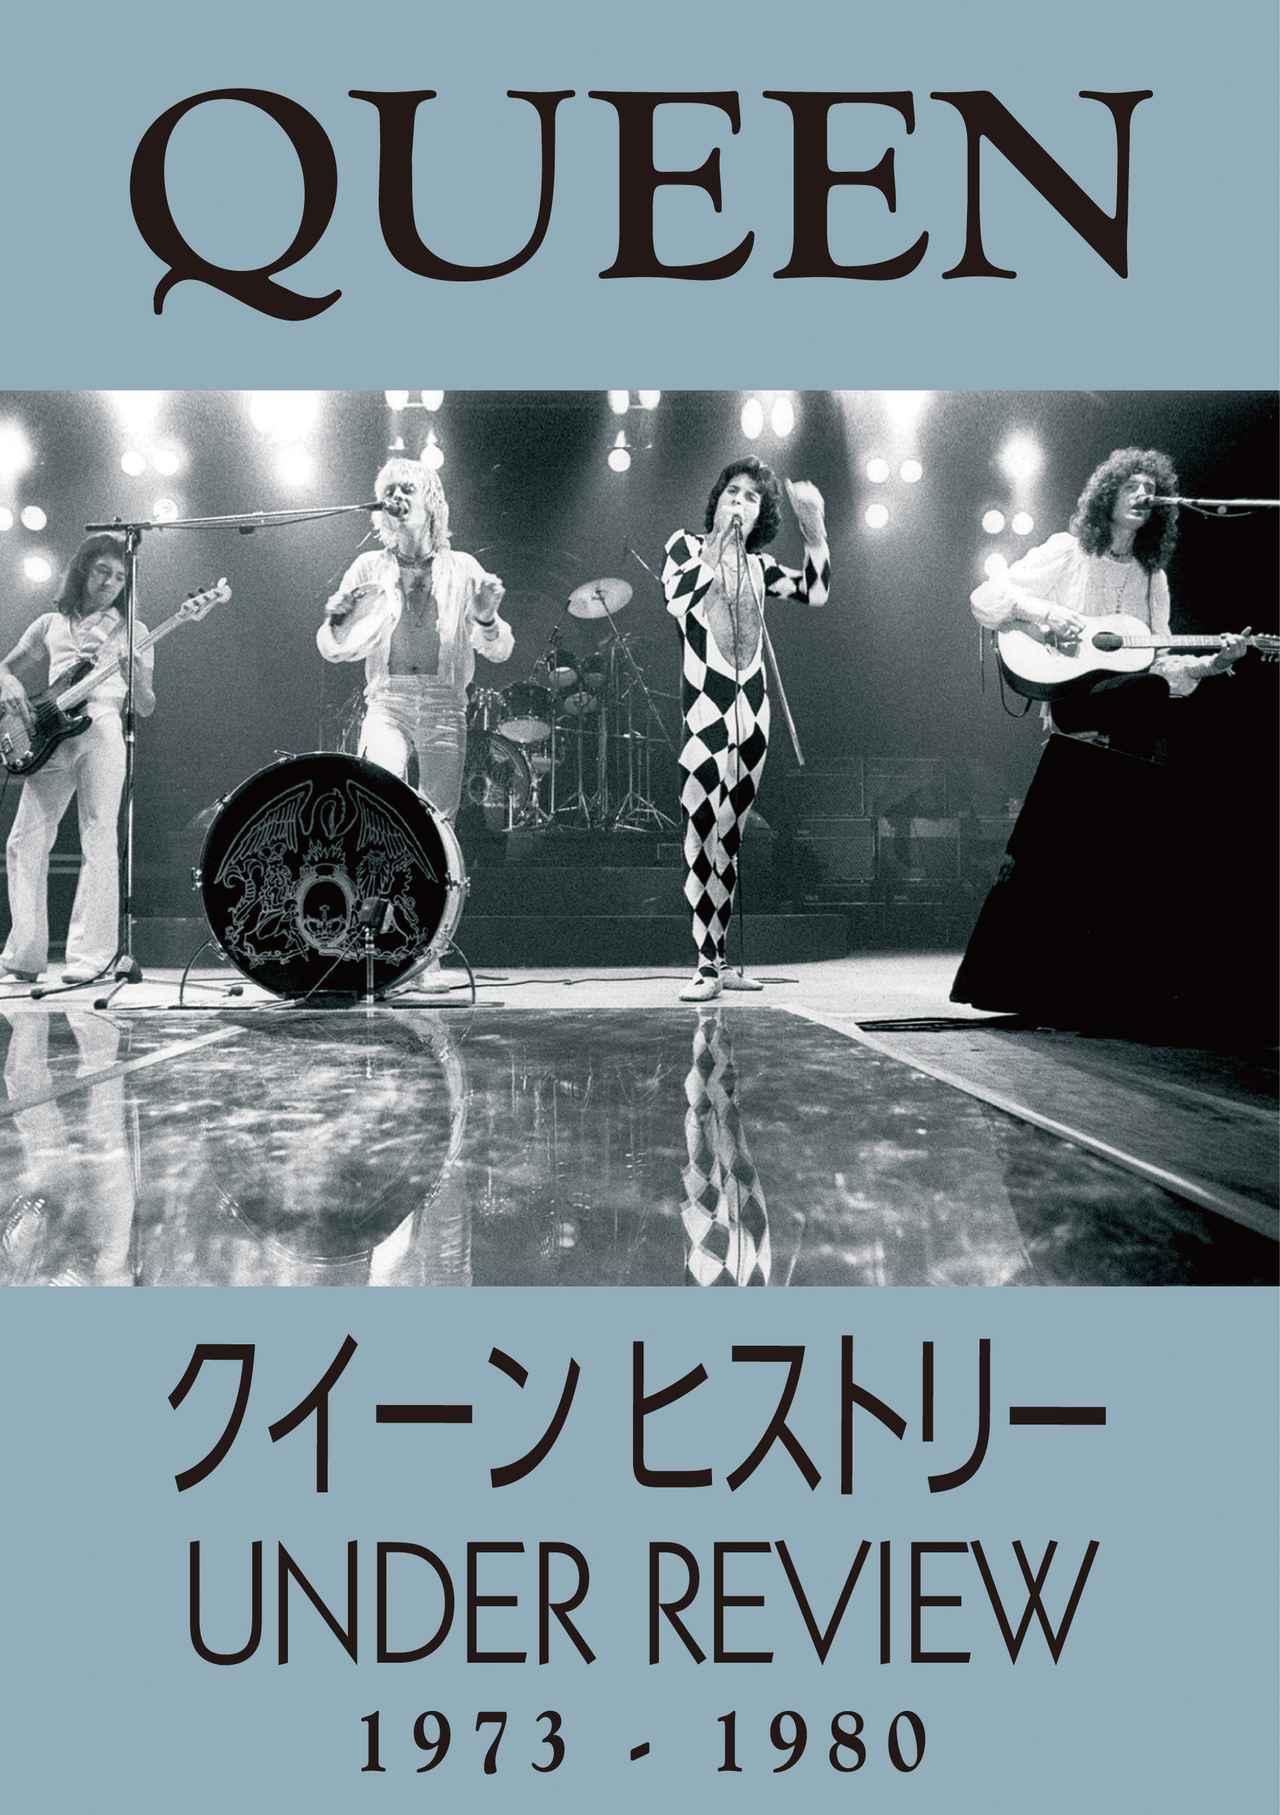 画像1: (C) CHROME DREAMS MEDIA 2005. ALL RIGHTS IN THIS DVD VIDEO ARE RESERVED